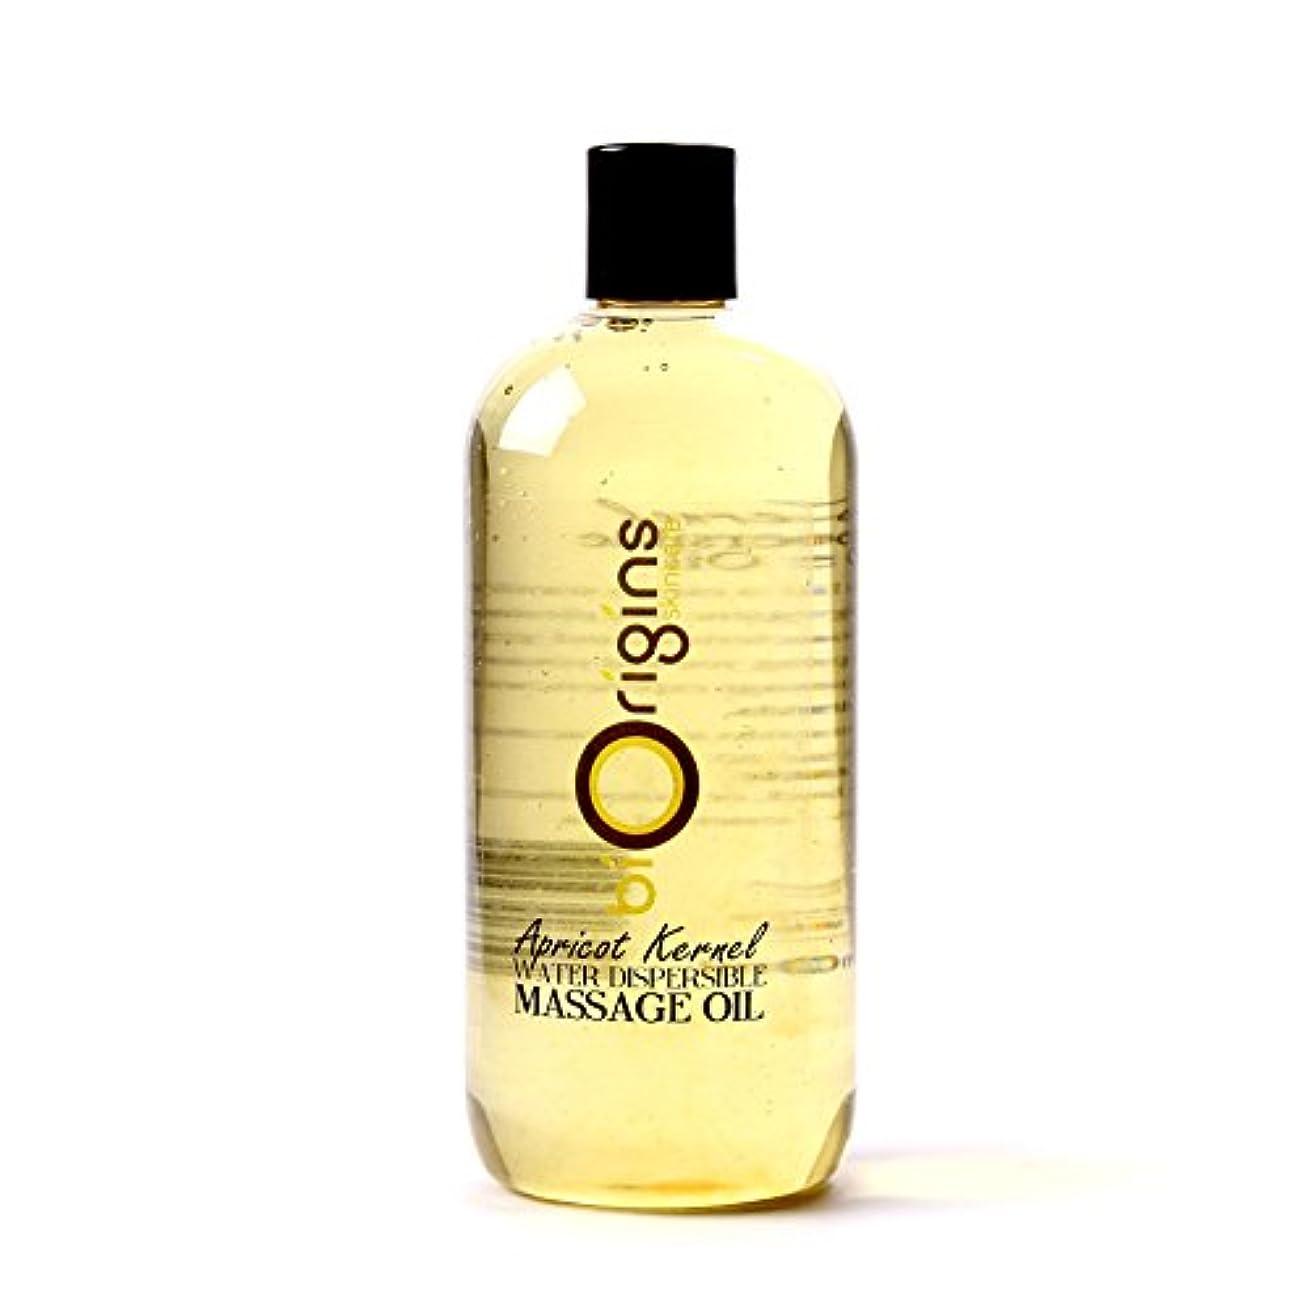 音楽家行為幻想Apricot Kernel Water Dispersible Massage Oil - 500ml - 100% Pure